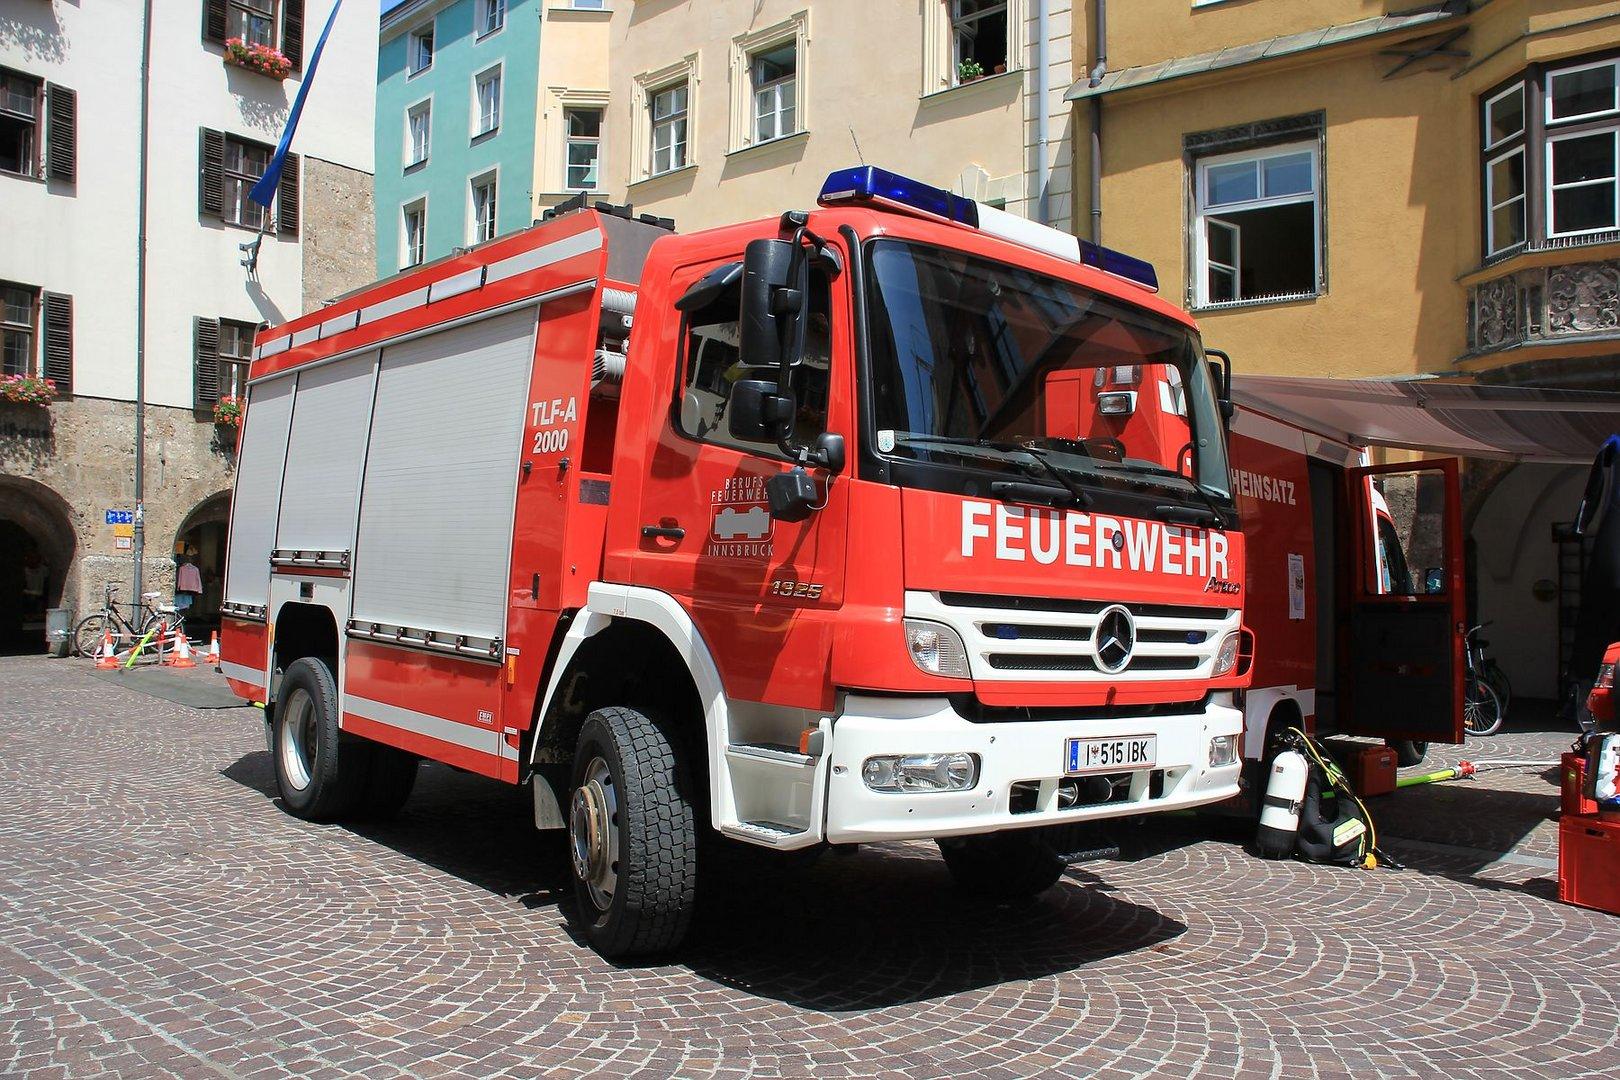 Feuerwehr Innsbruck